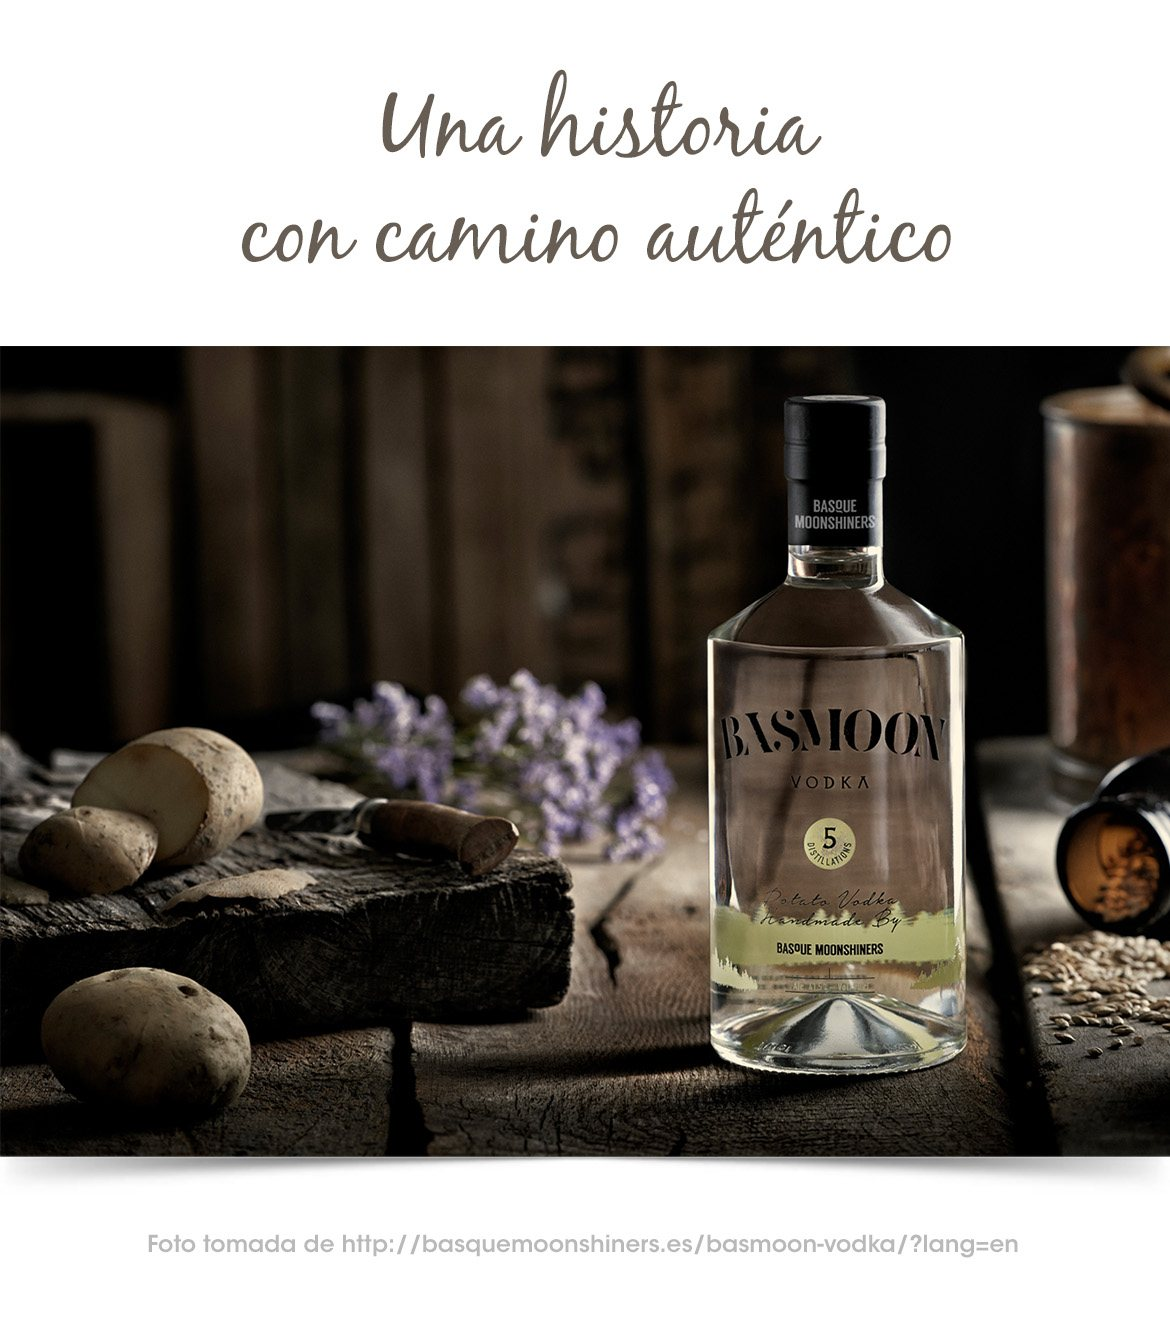 Vodka Bassmoon y su historia